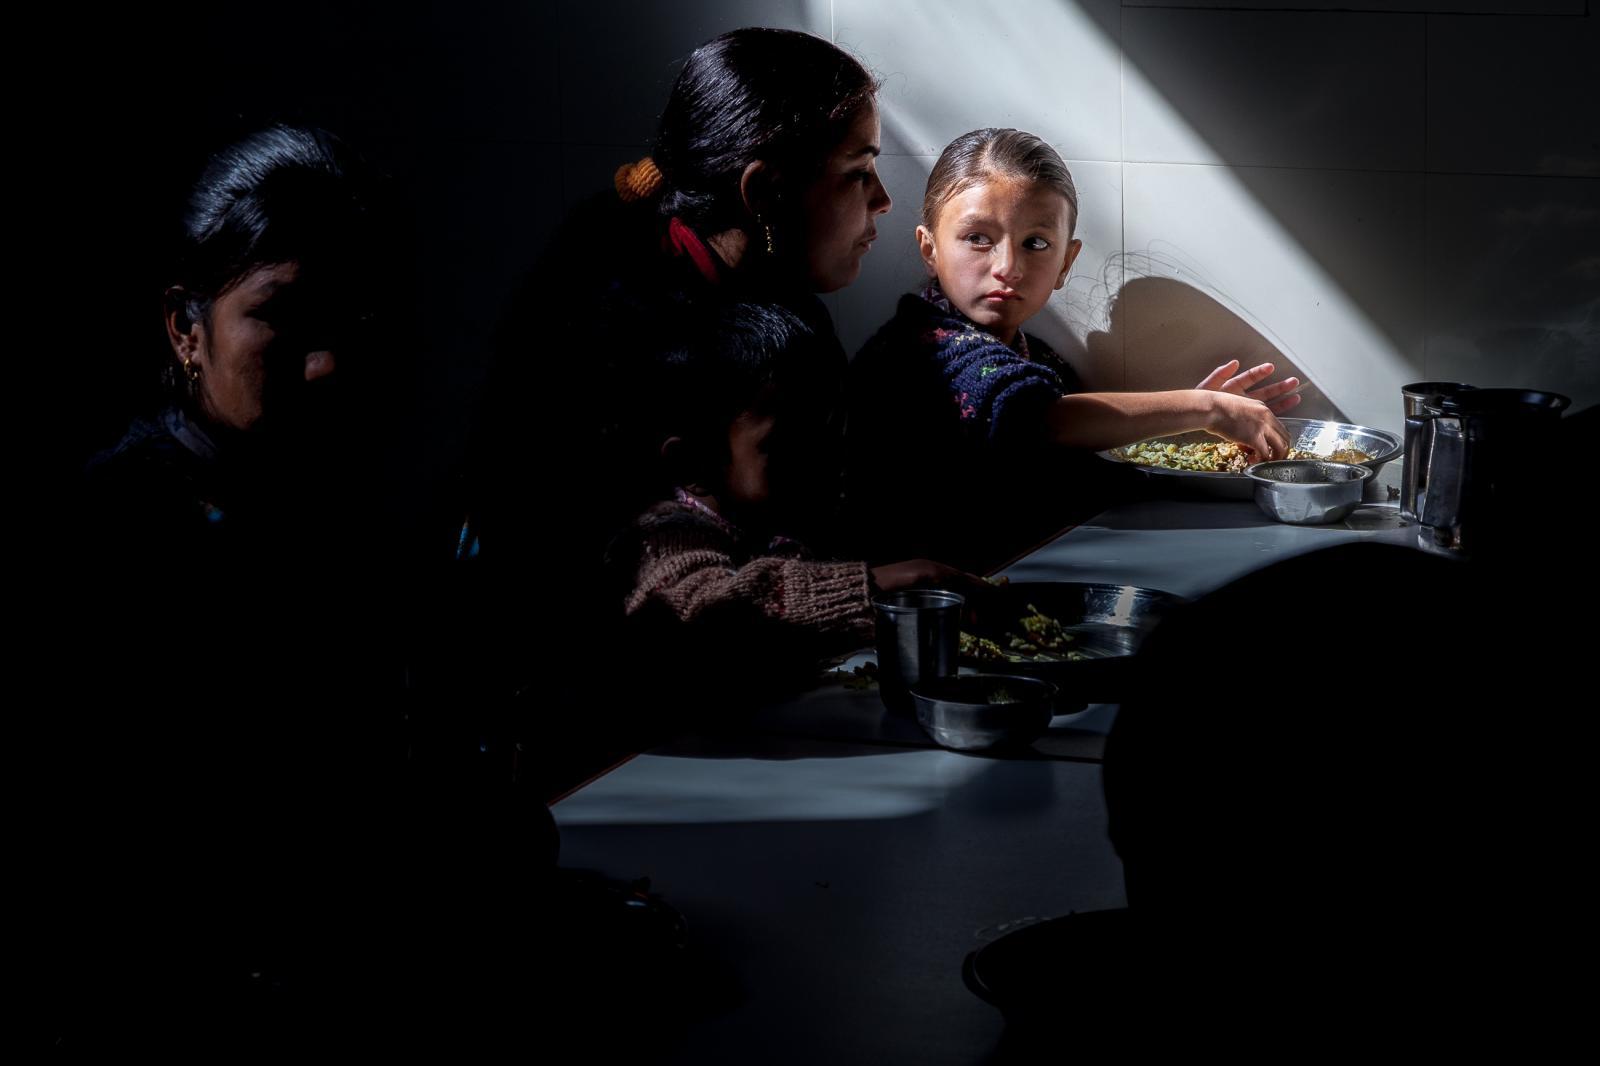 Photography image - Loading 001_Portfolio-Education-NGO-Omar-Havana.jpg